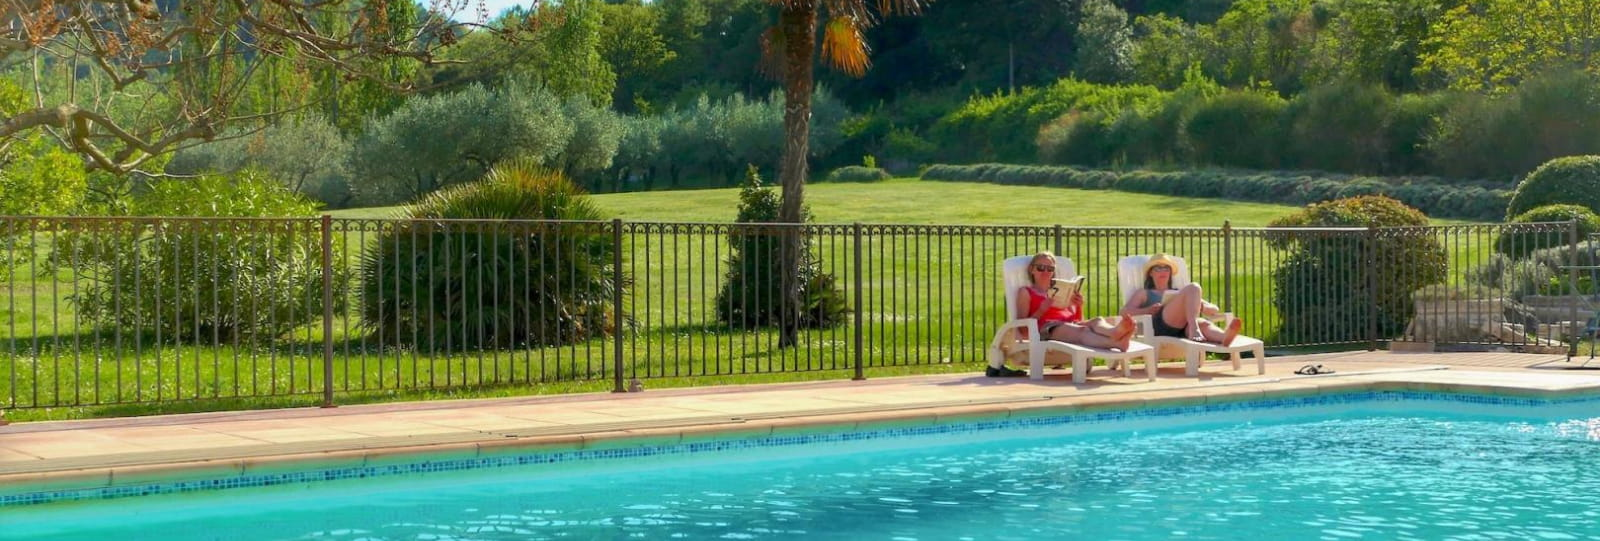 La piscine au centre du domaine